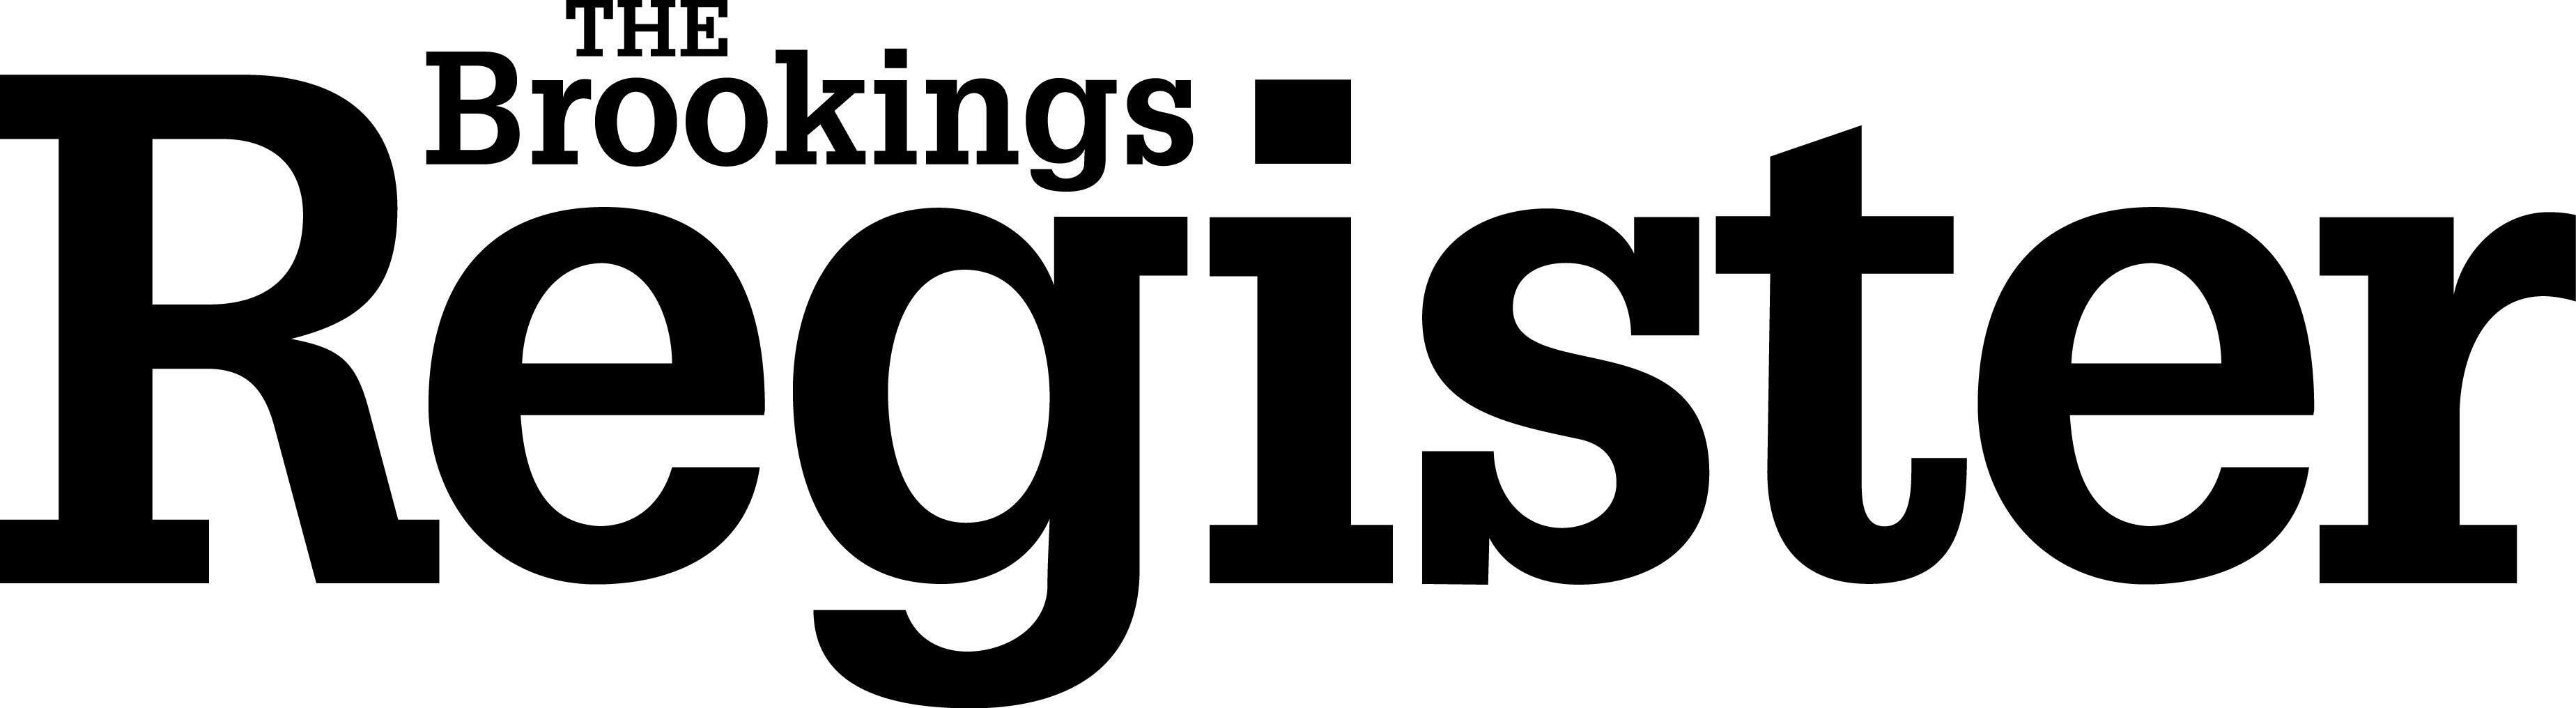 Brookings-Register.jpg